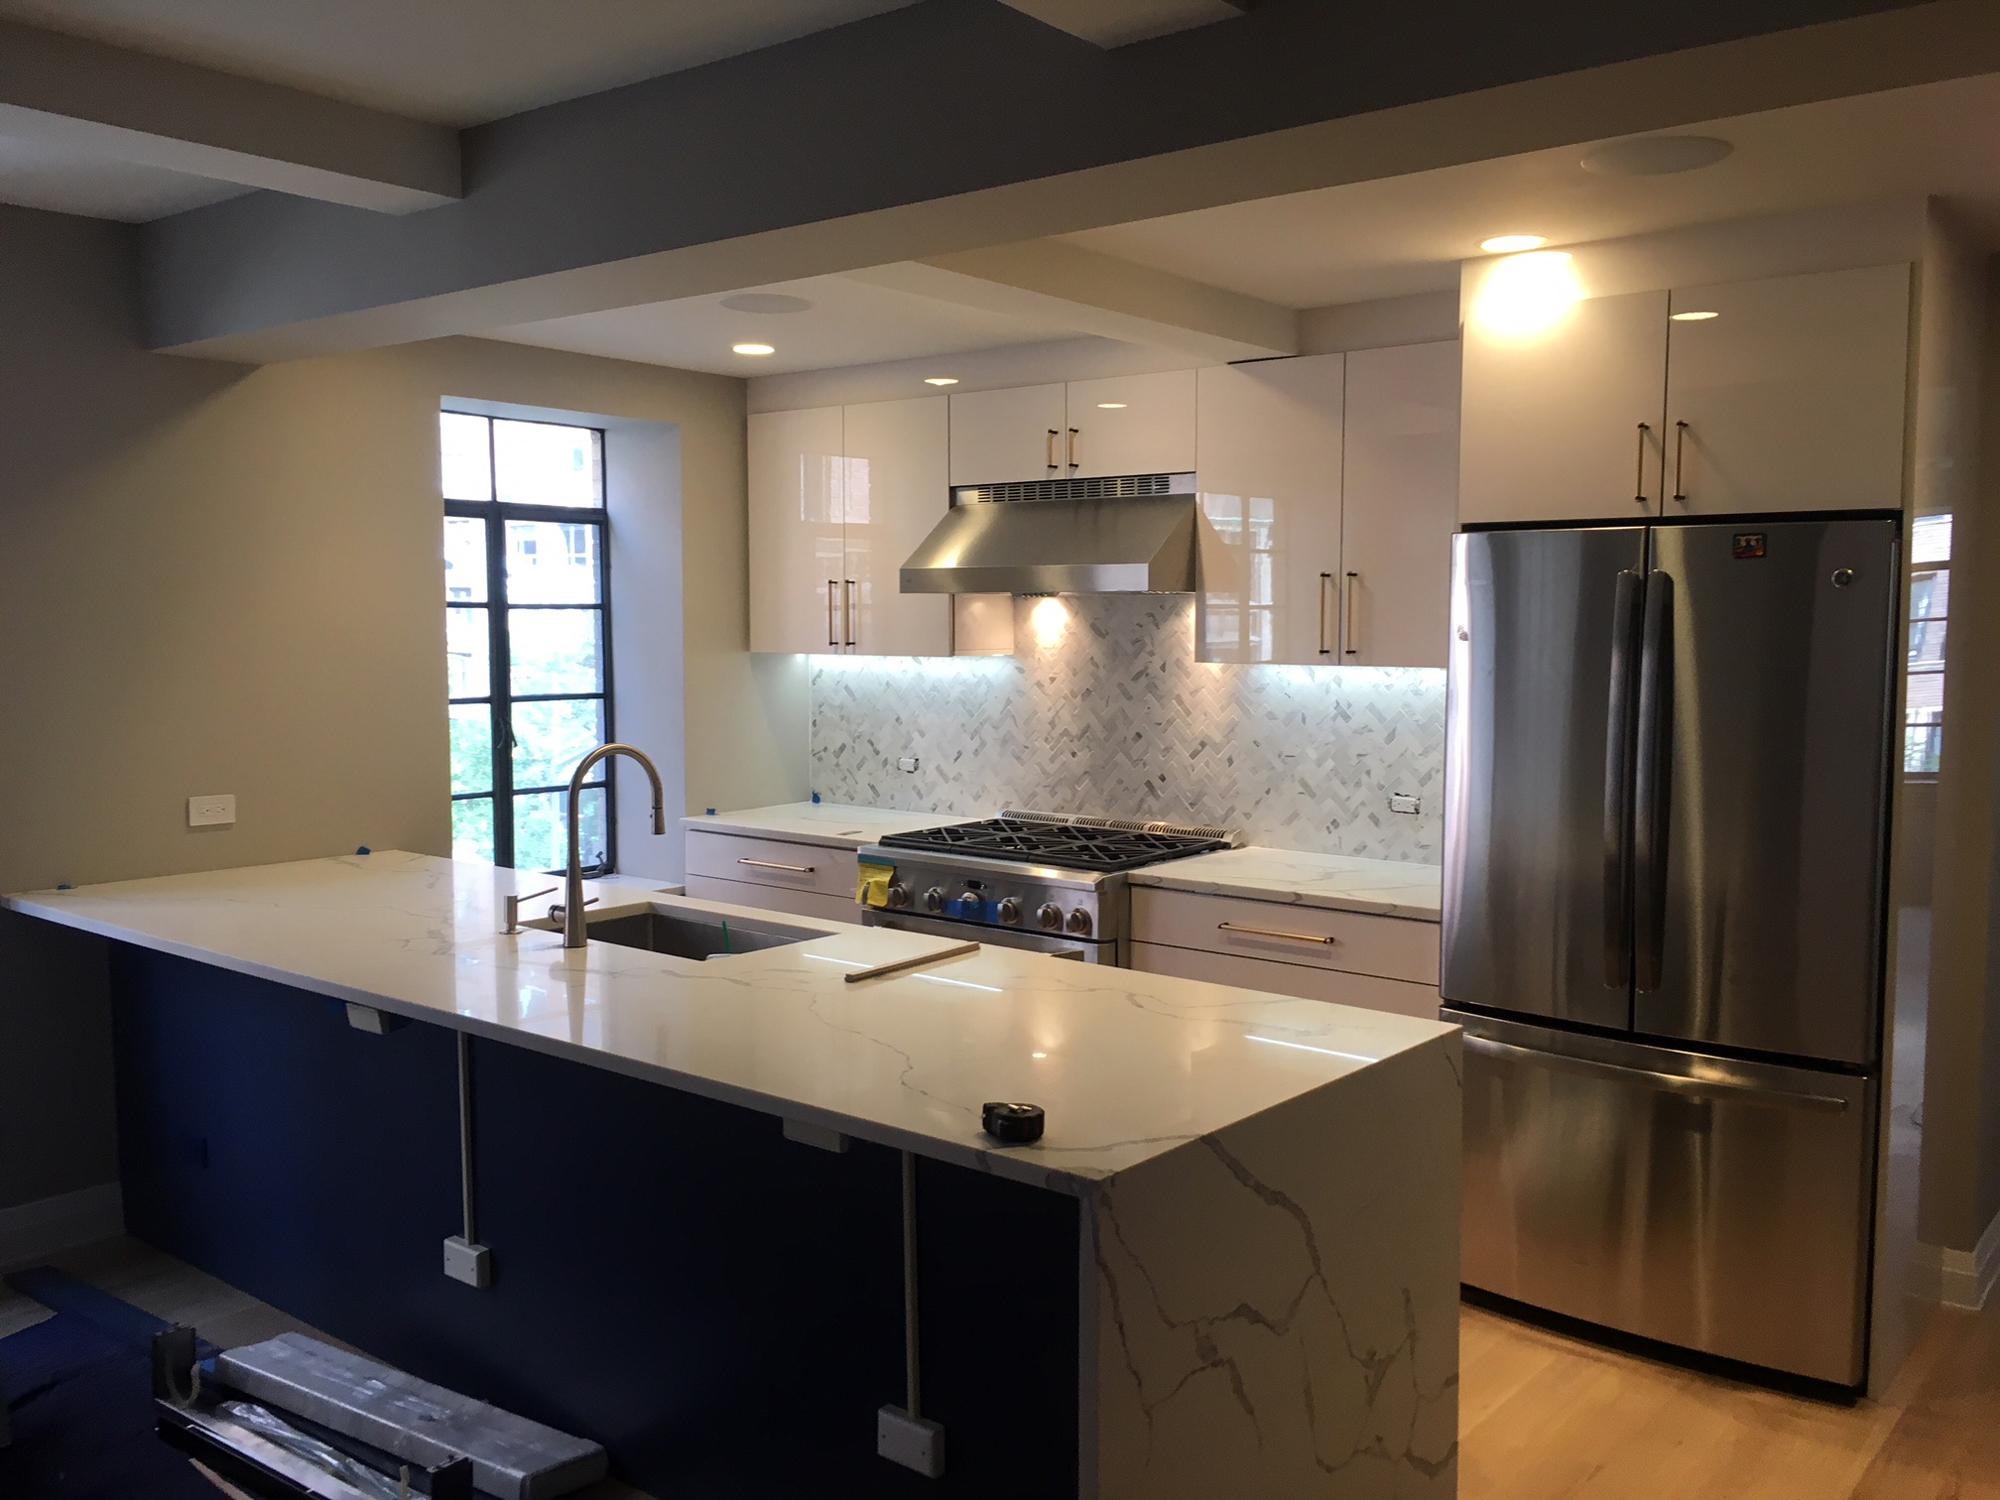 kitchen1_a.jpg